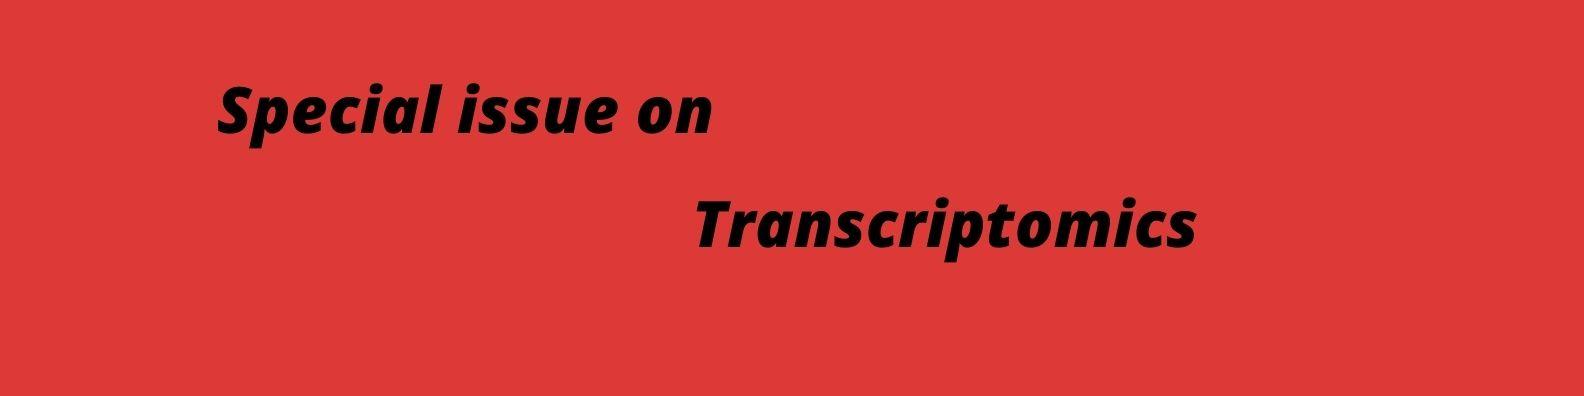 special-issue-on-transcriptomics-2115.jpg